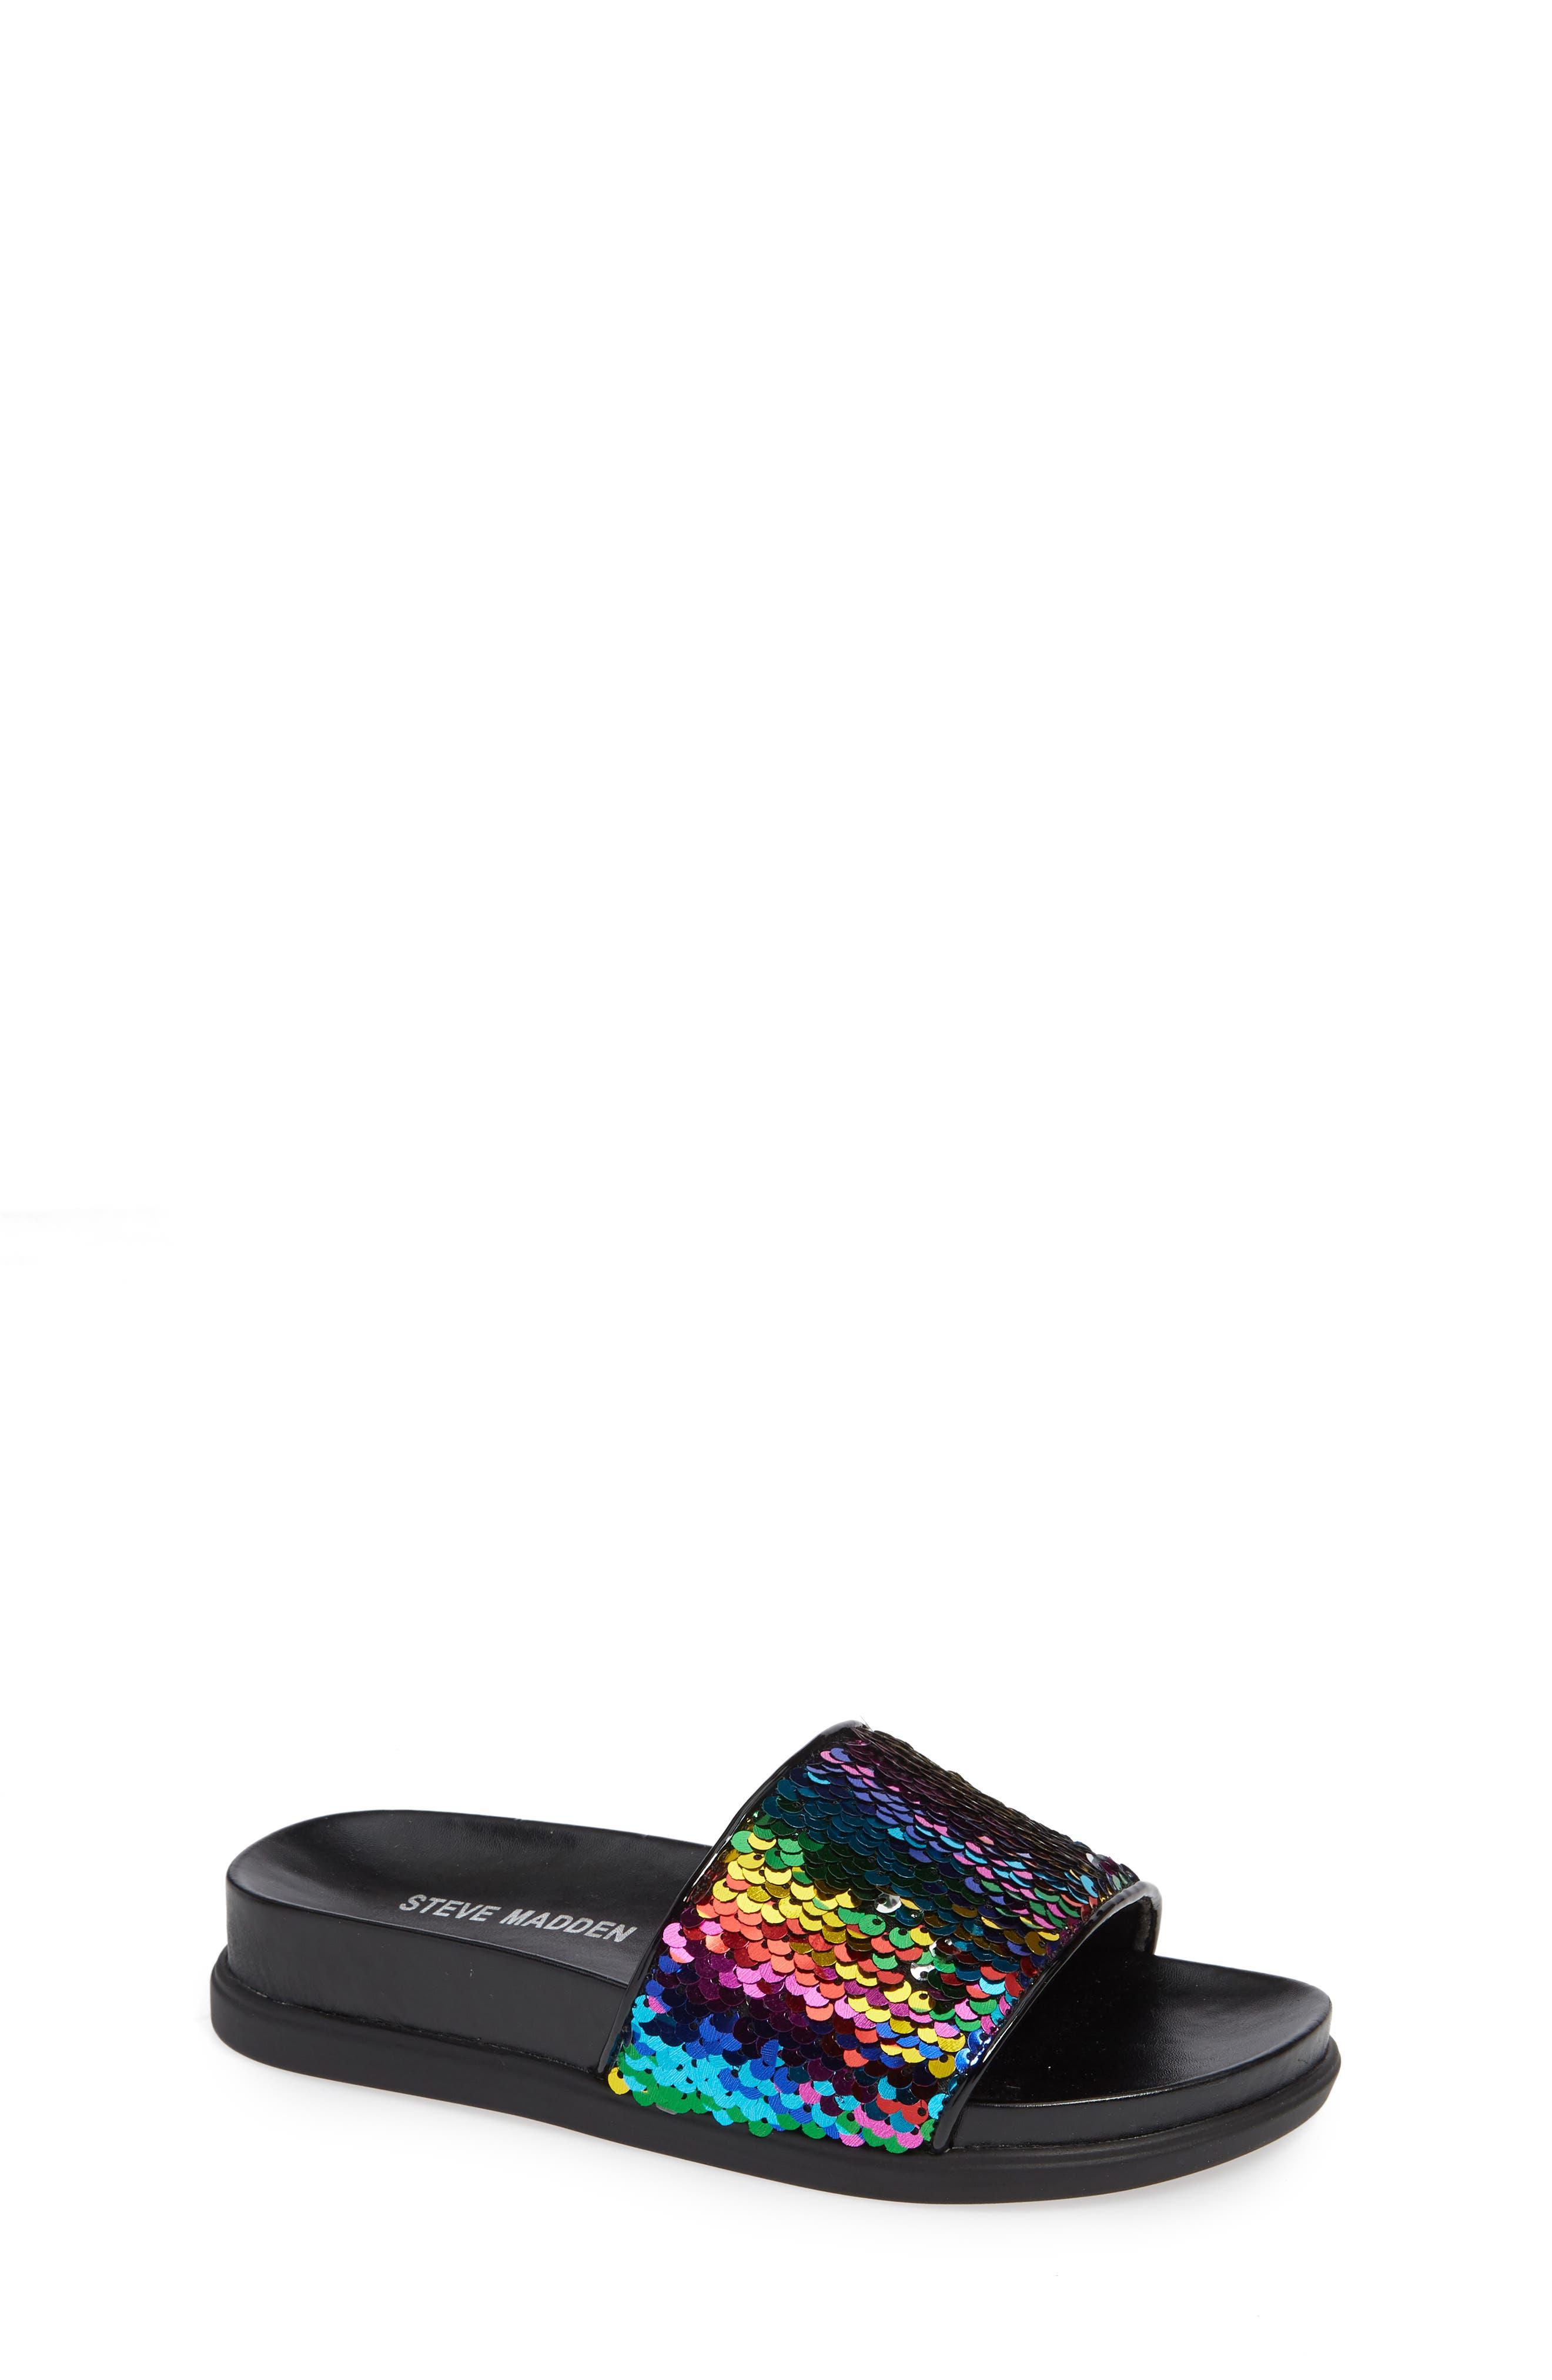 d79c855799d Steve Madden Shoes   Clothes for Kids